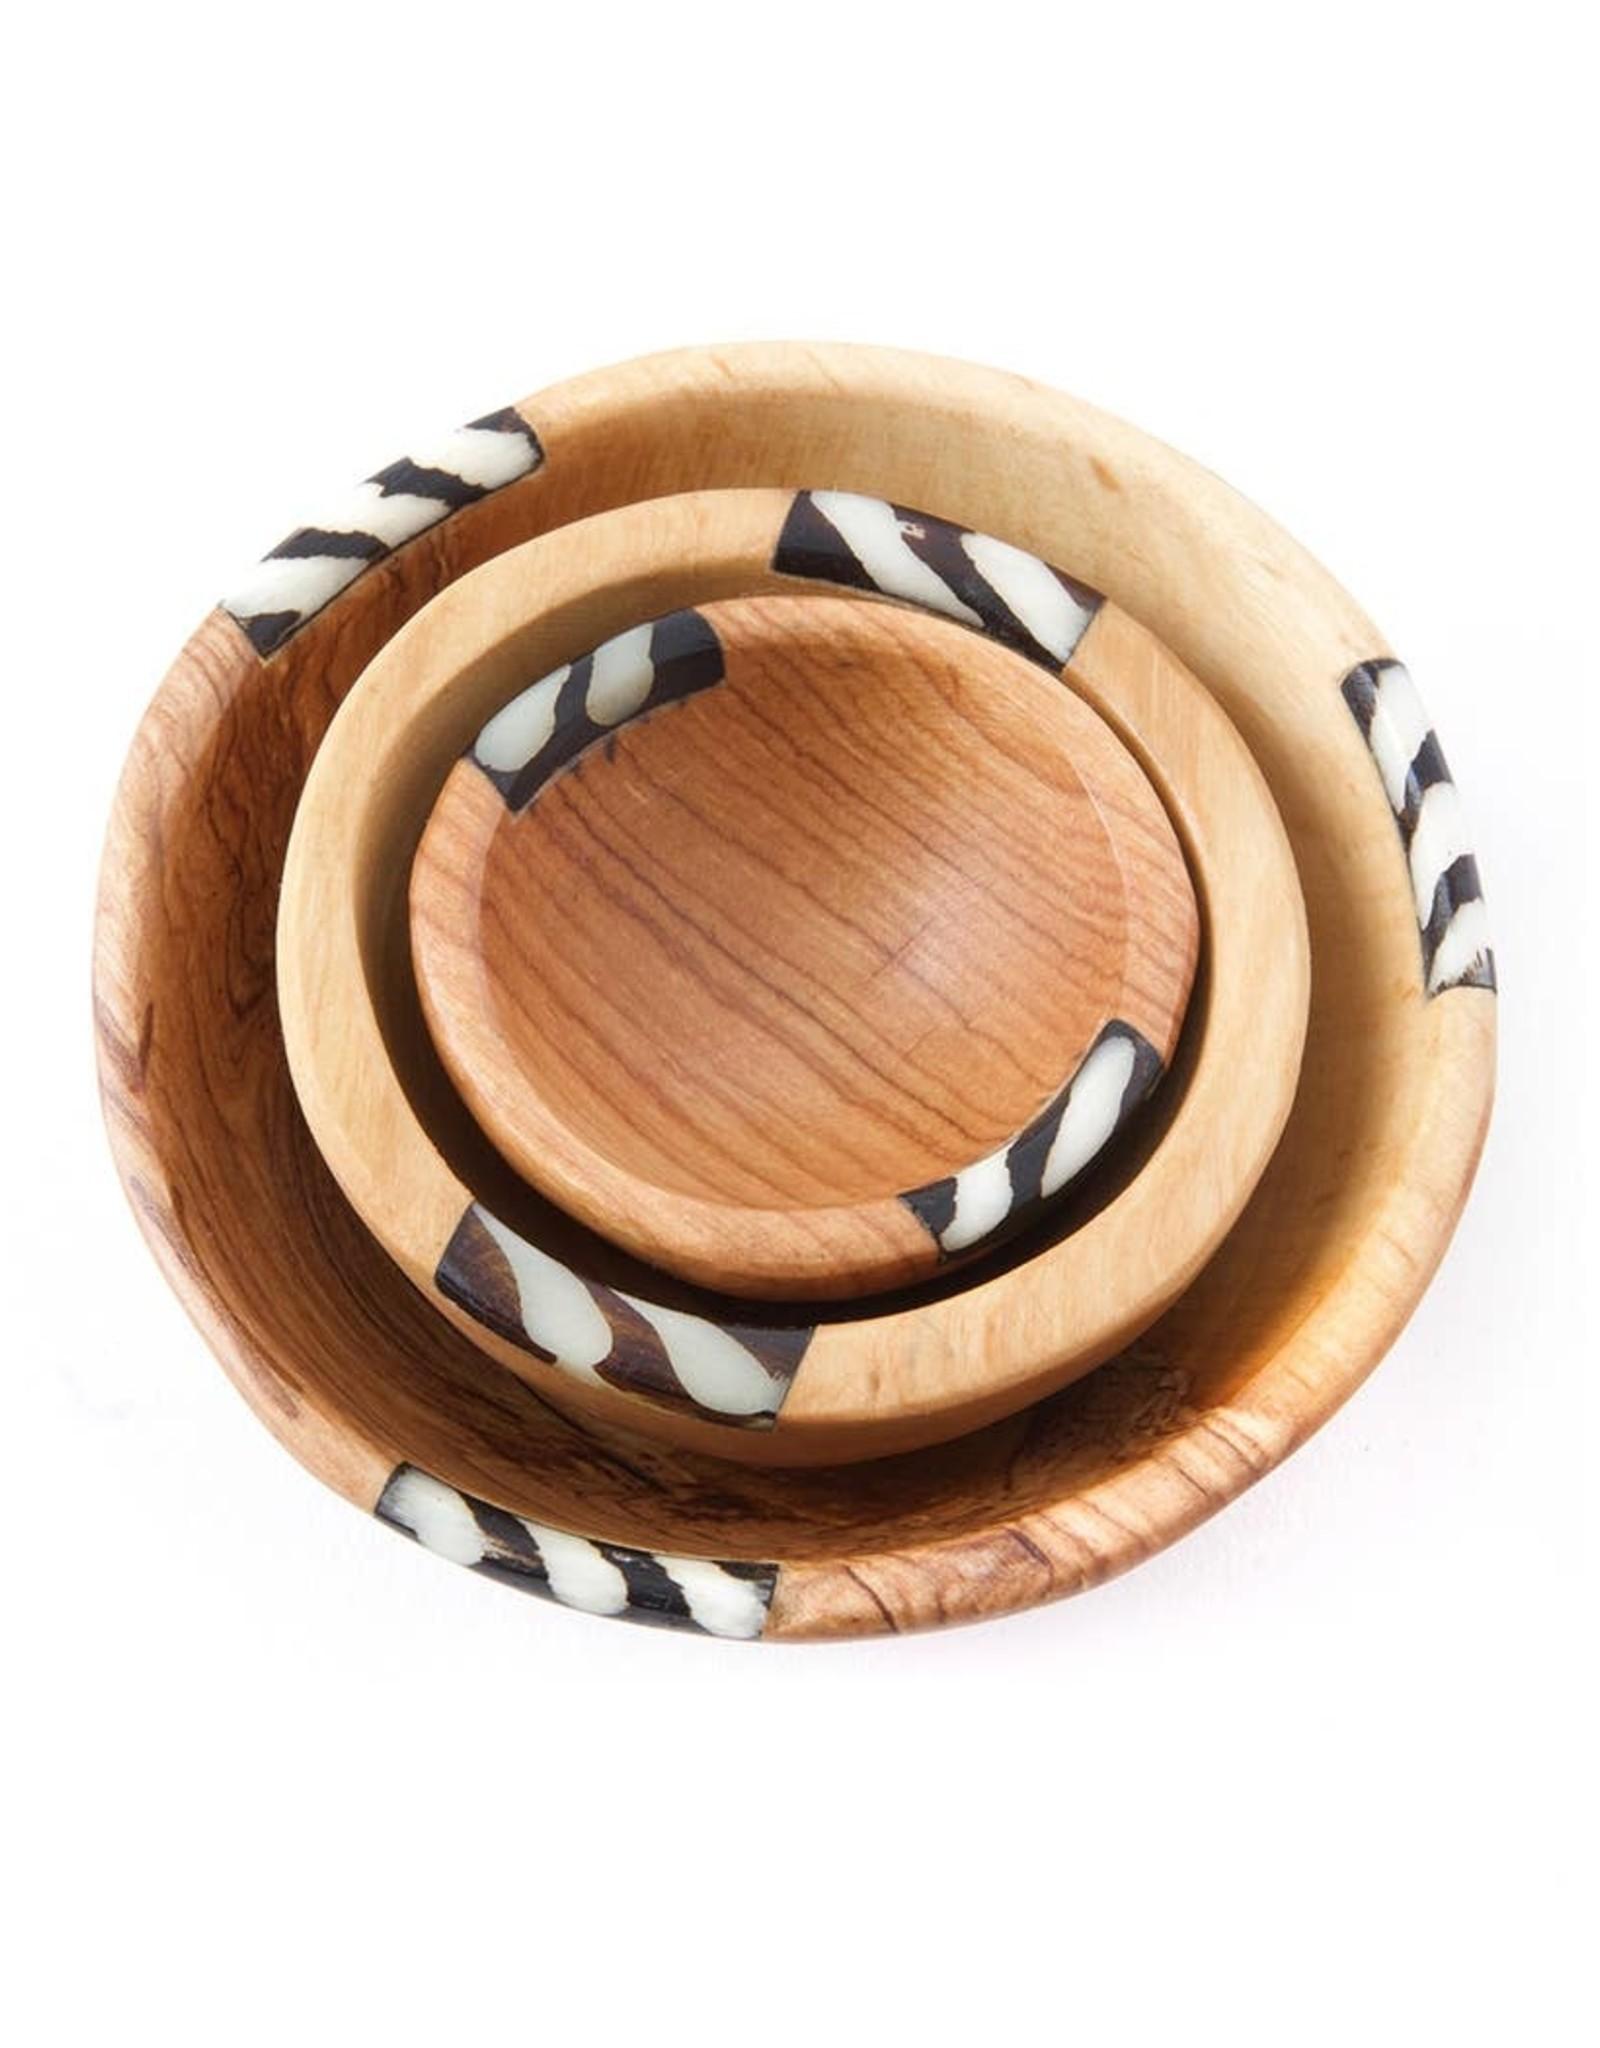 Swahili African Modern Batik Bowl Inlay Bowl - Small